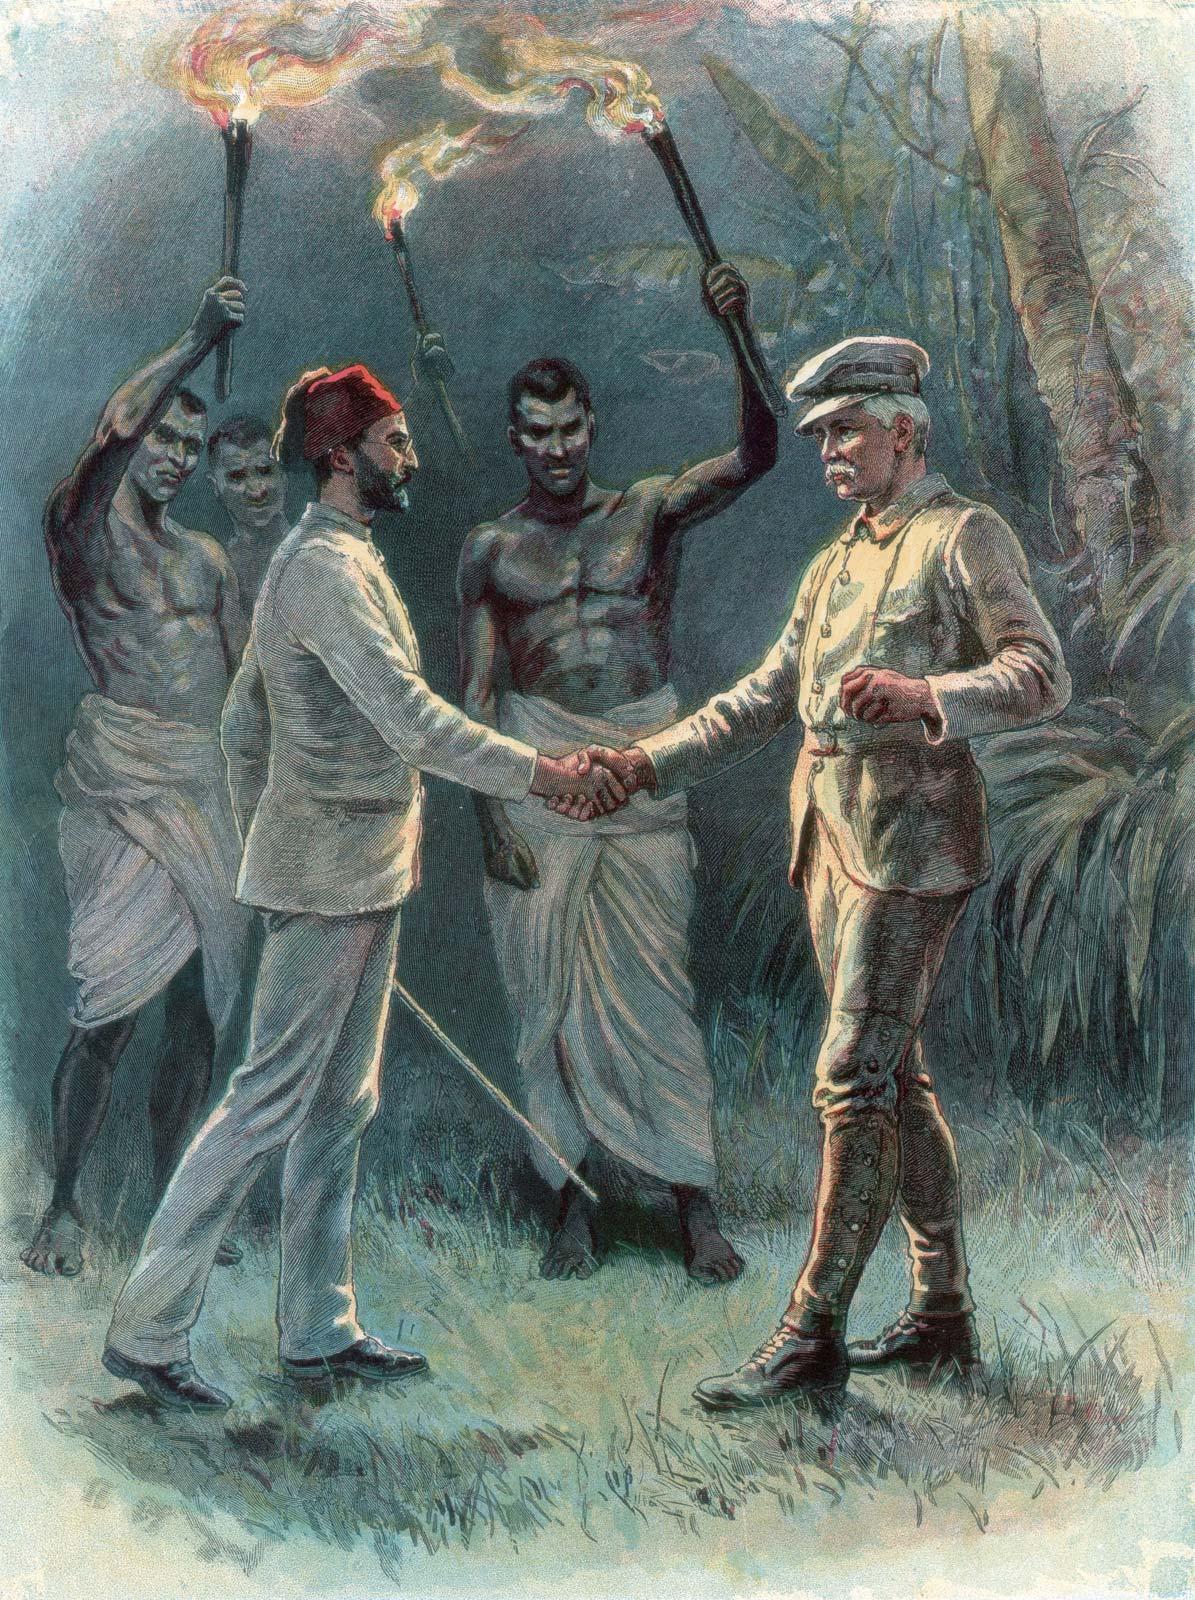 Литография, изобразяваща срещата на Мехмед Емин Паша (вляво) и сър Хенри Мортън Стенли край езерото Алберт в Източна Африка на 19 април, 1888 г.